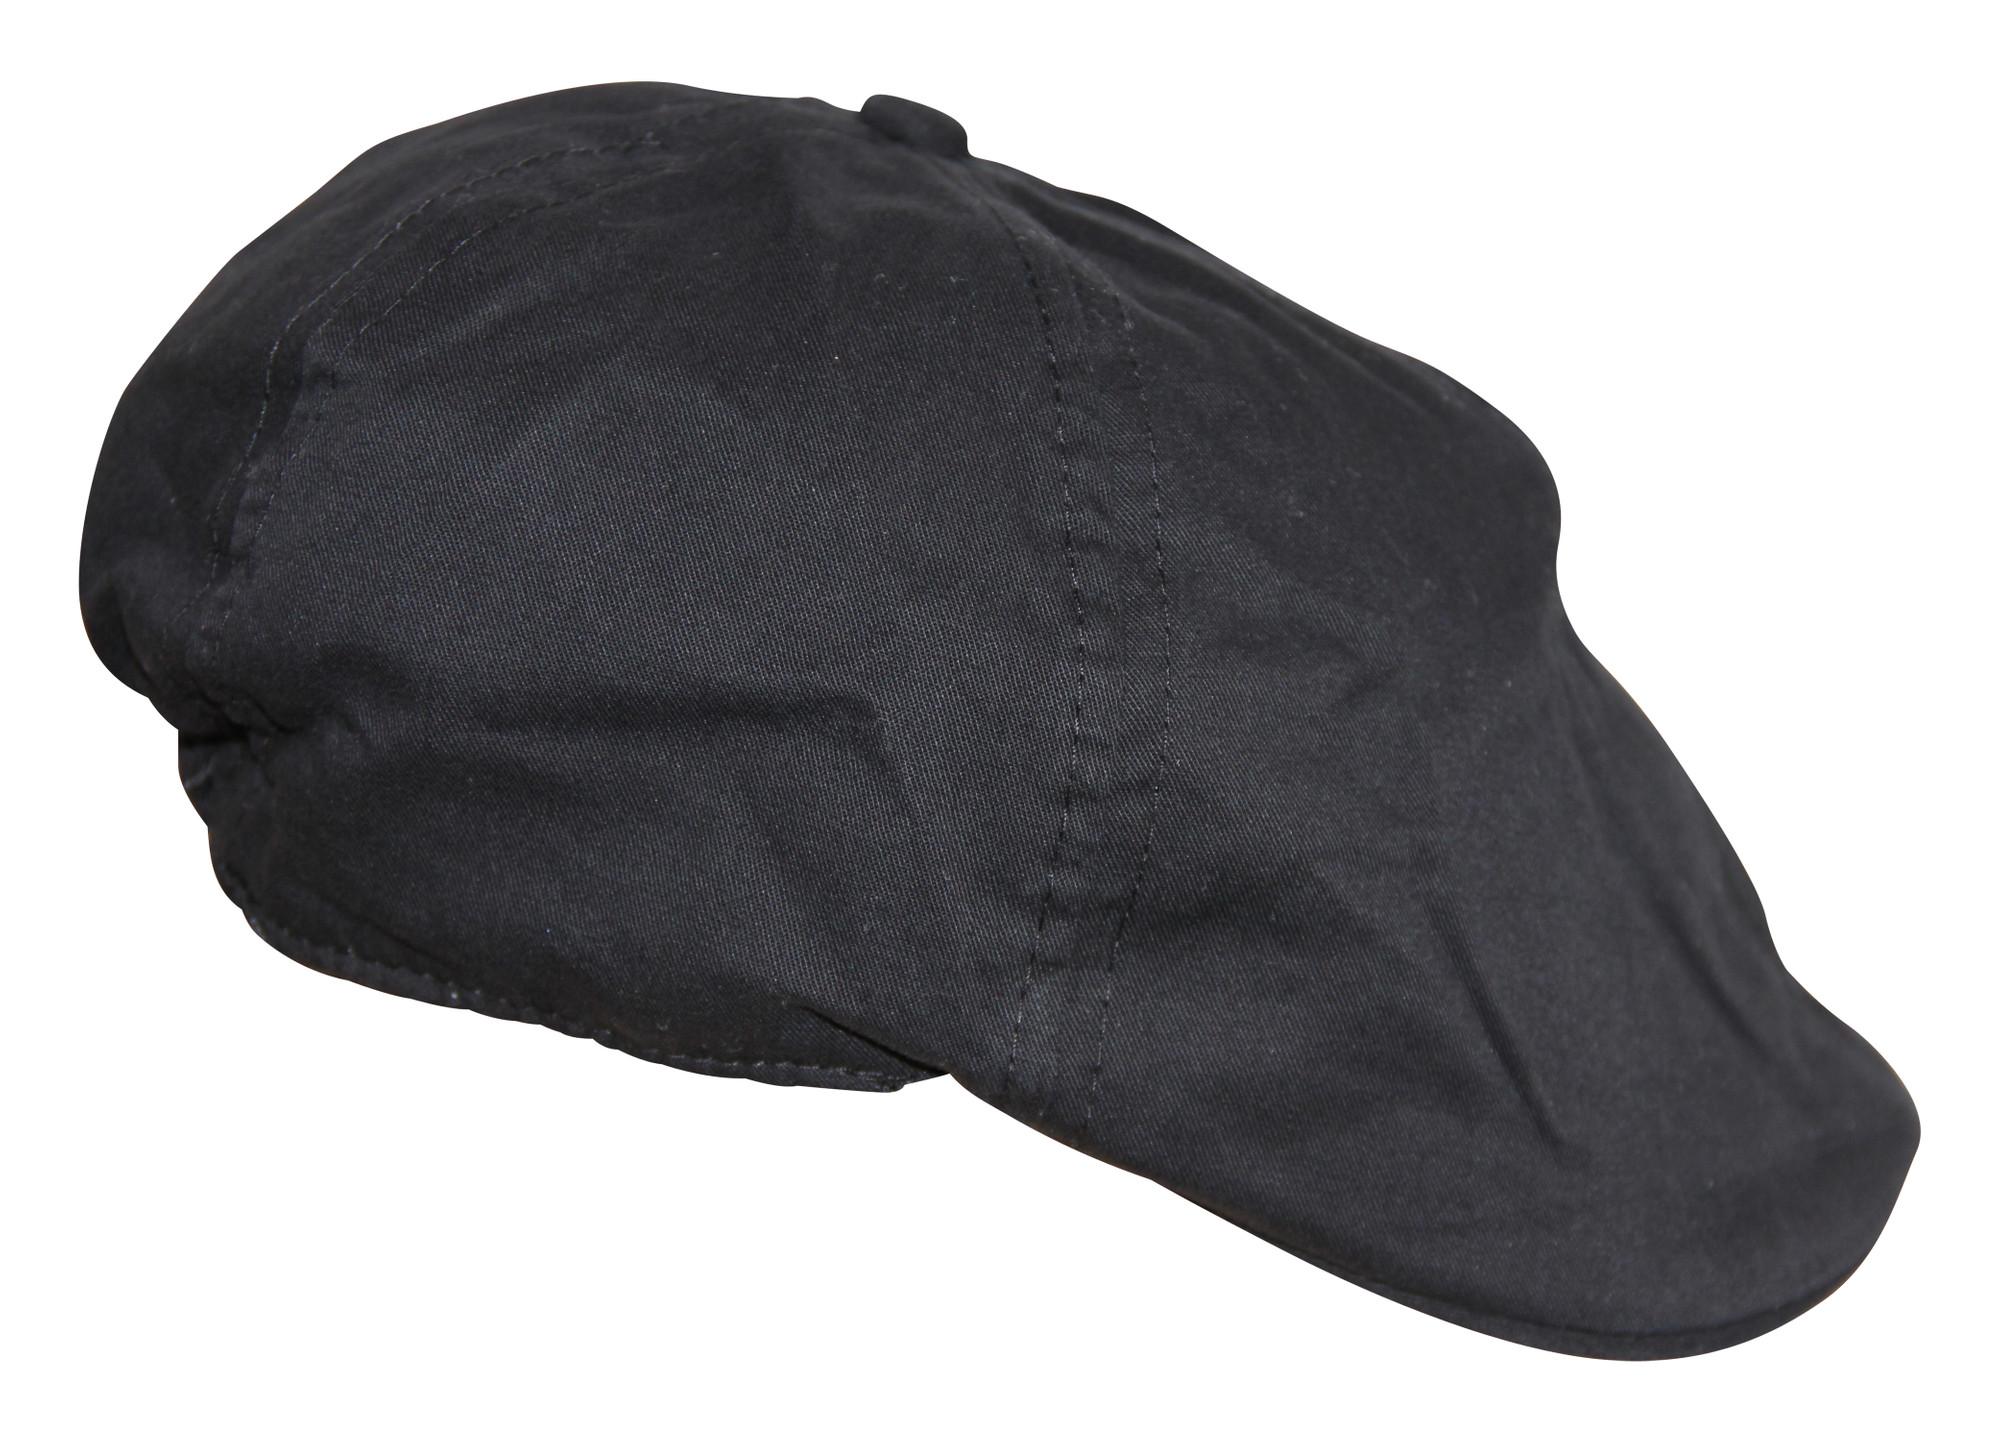 Coole Flatcap schwarz für Jungen Baby 100% Baumwolle Cap Mütze Hut 001